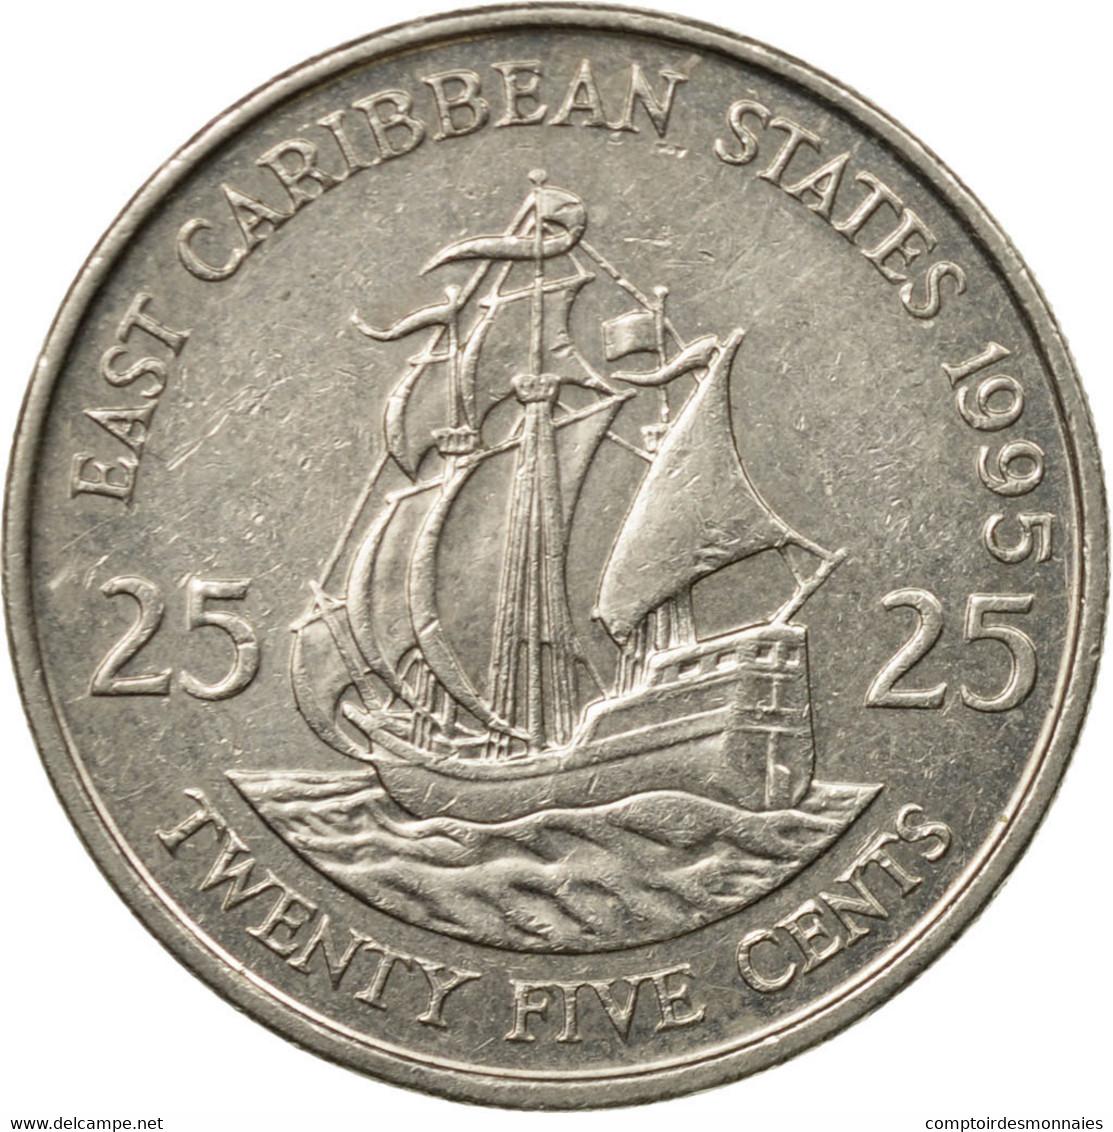 Monnaie, Etats Des Caraibes Orientales, Elizabeth II, 25 Cents, 1995, TTB - Caraïbes Orientales (Etats Des)